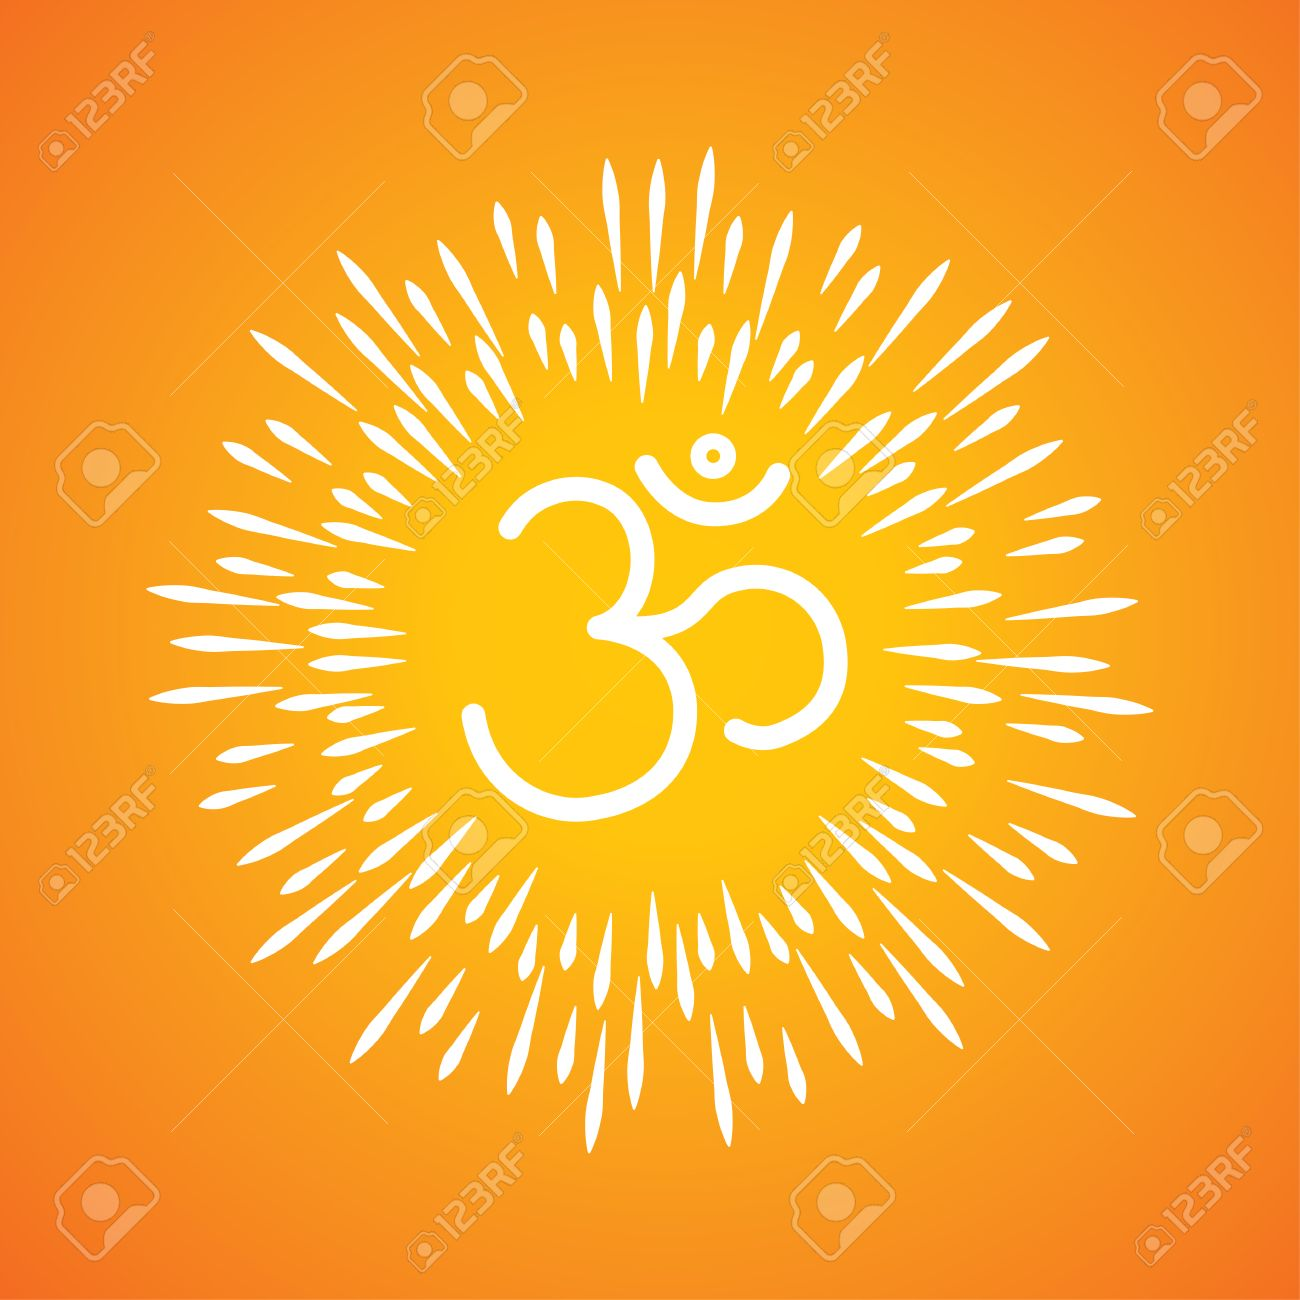 Om symbol vector icon sunburst like rays emerging from the om symbol vector icon sunburst like rays emerging from the aum sign stock vector biocorpaavc Choice Image